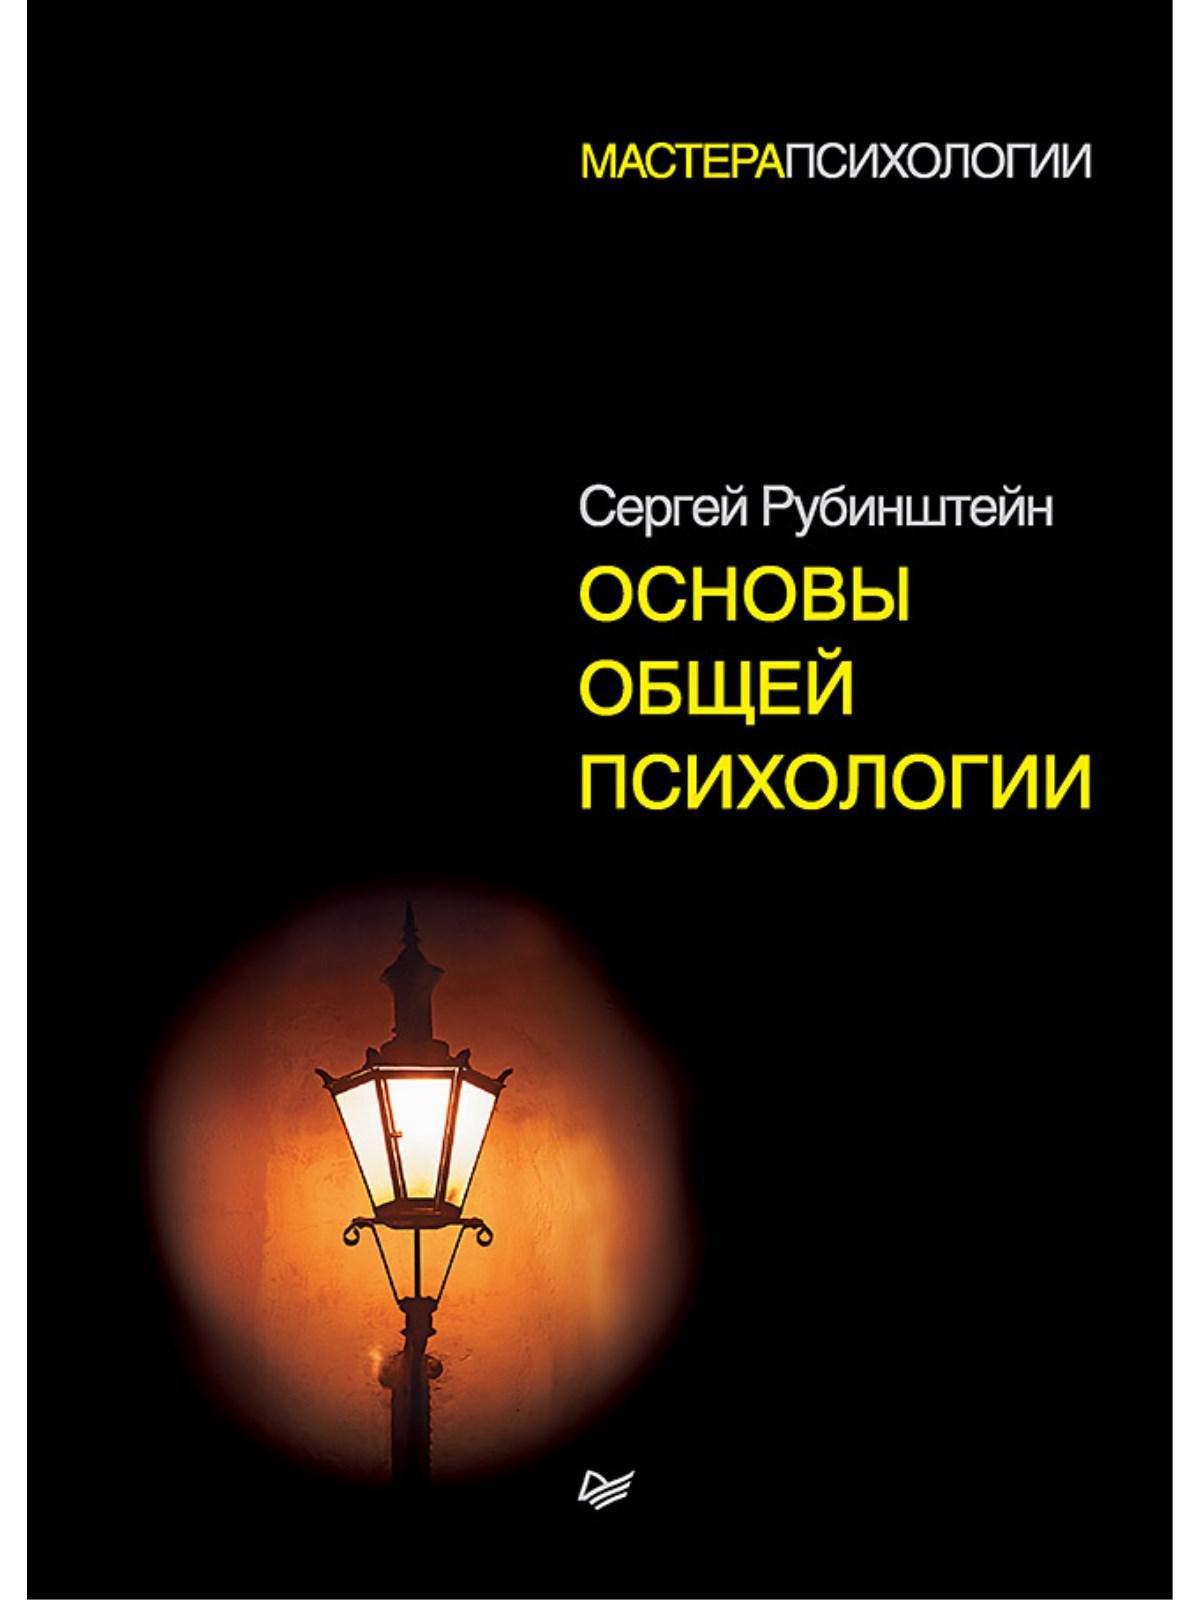 Рубинштейн Сергей Леонидович Основы общей психологии